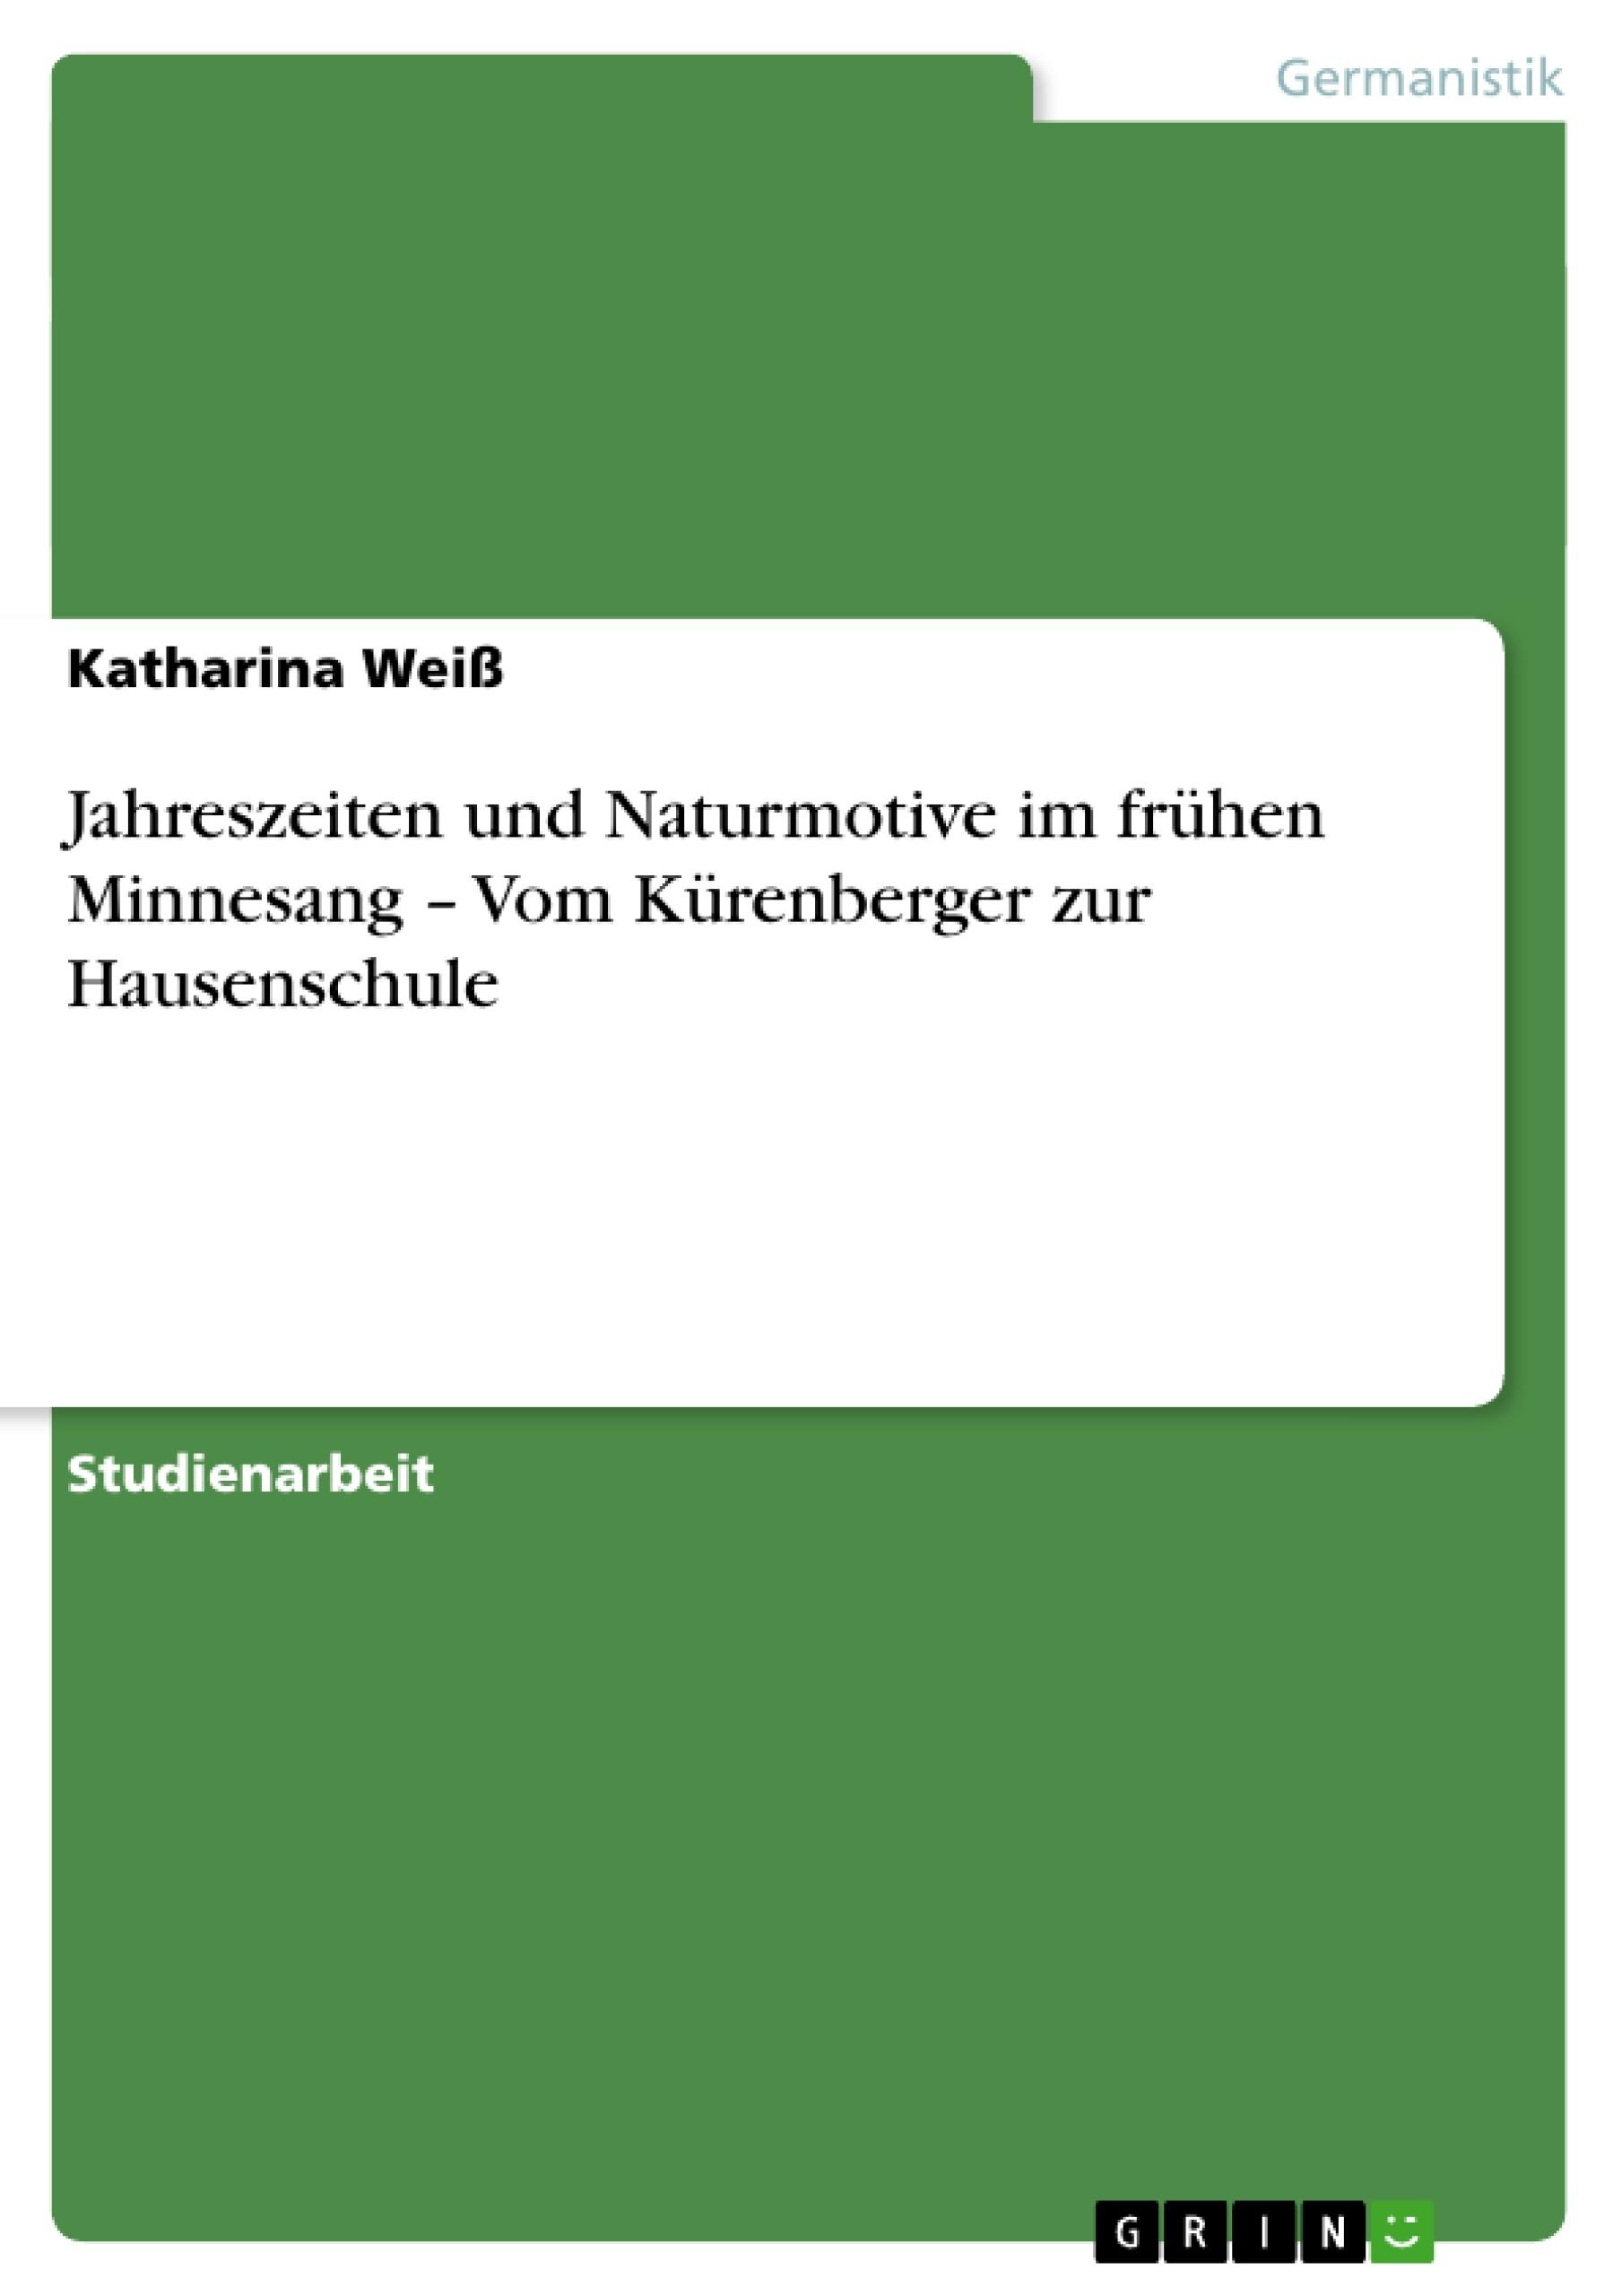 Titel: Jahreszeiten und Naturmotive im frühen Minnesang – Vom Kürenberger zur Hausenschule